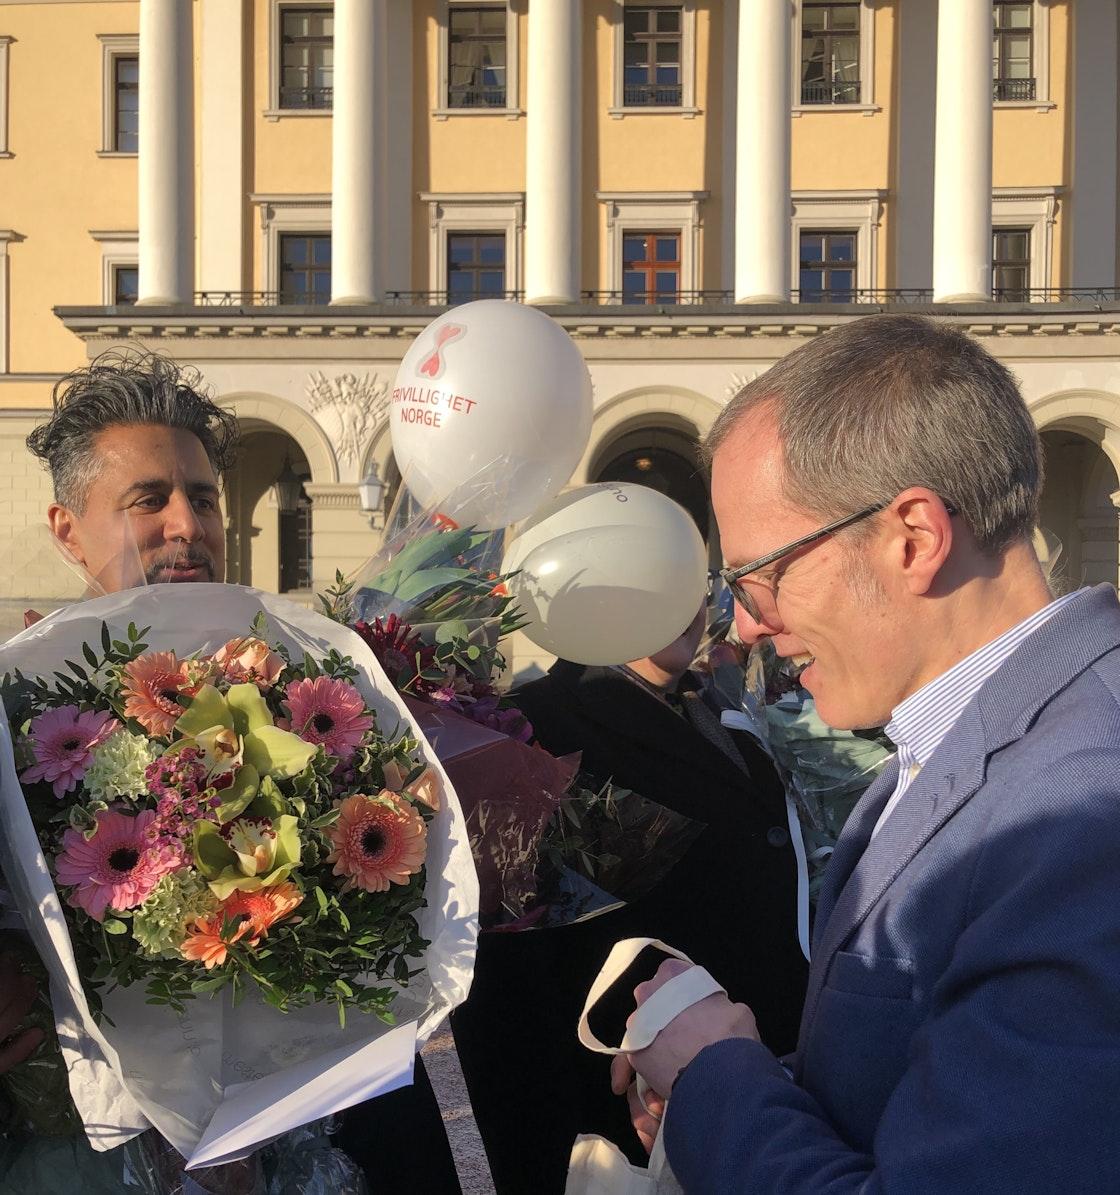 Stian Slotterøy Johnsen overrekker blomster til Abid Raja på slottsplassen